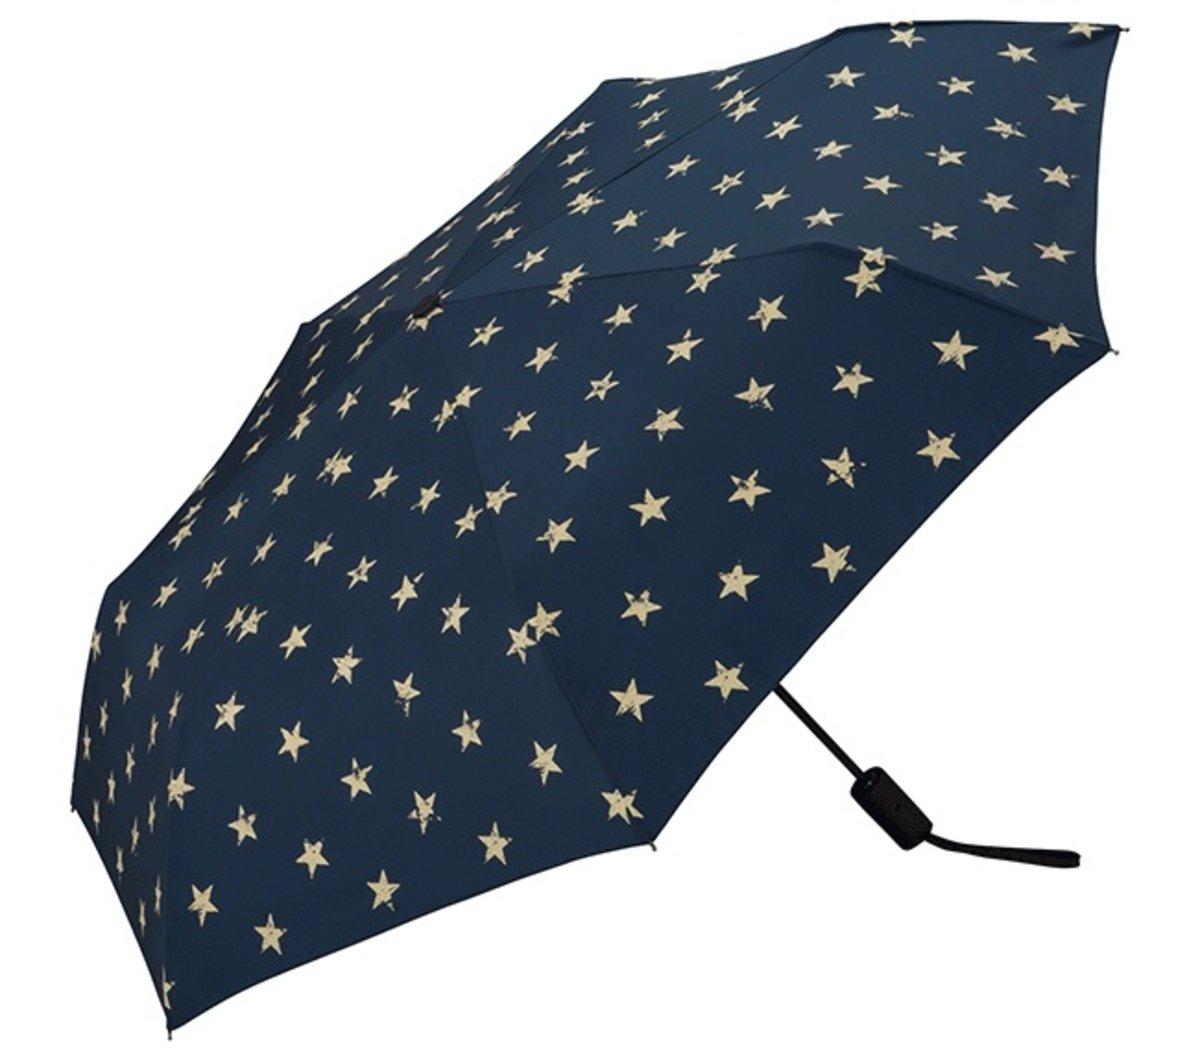 日本防UV/防紫外線摺疊式自動開關摺雨傘(vintage star mini)